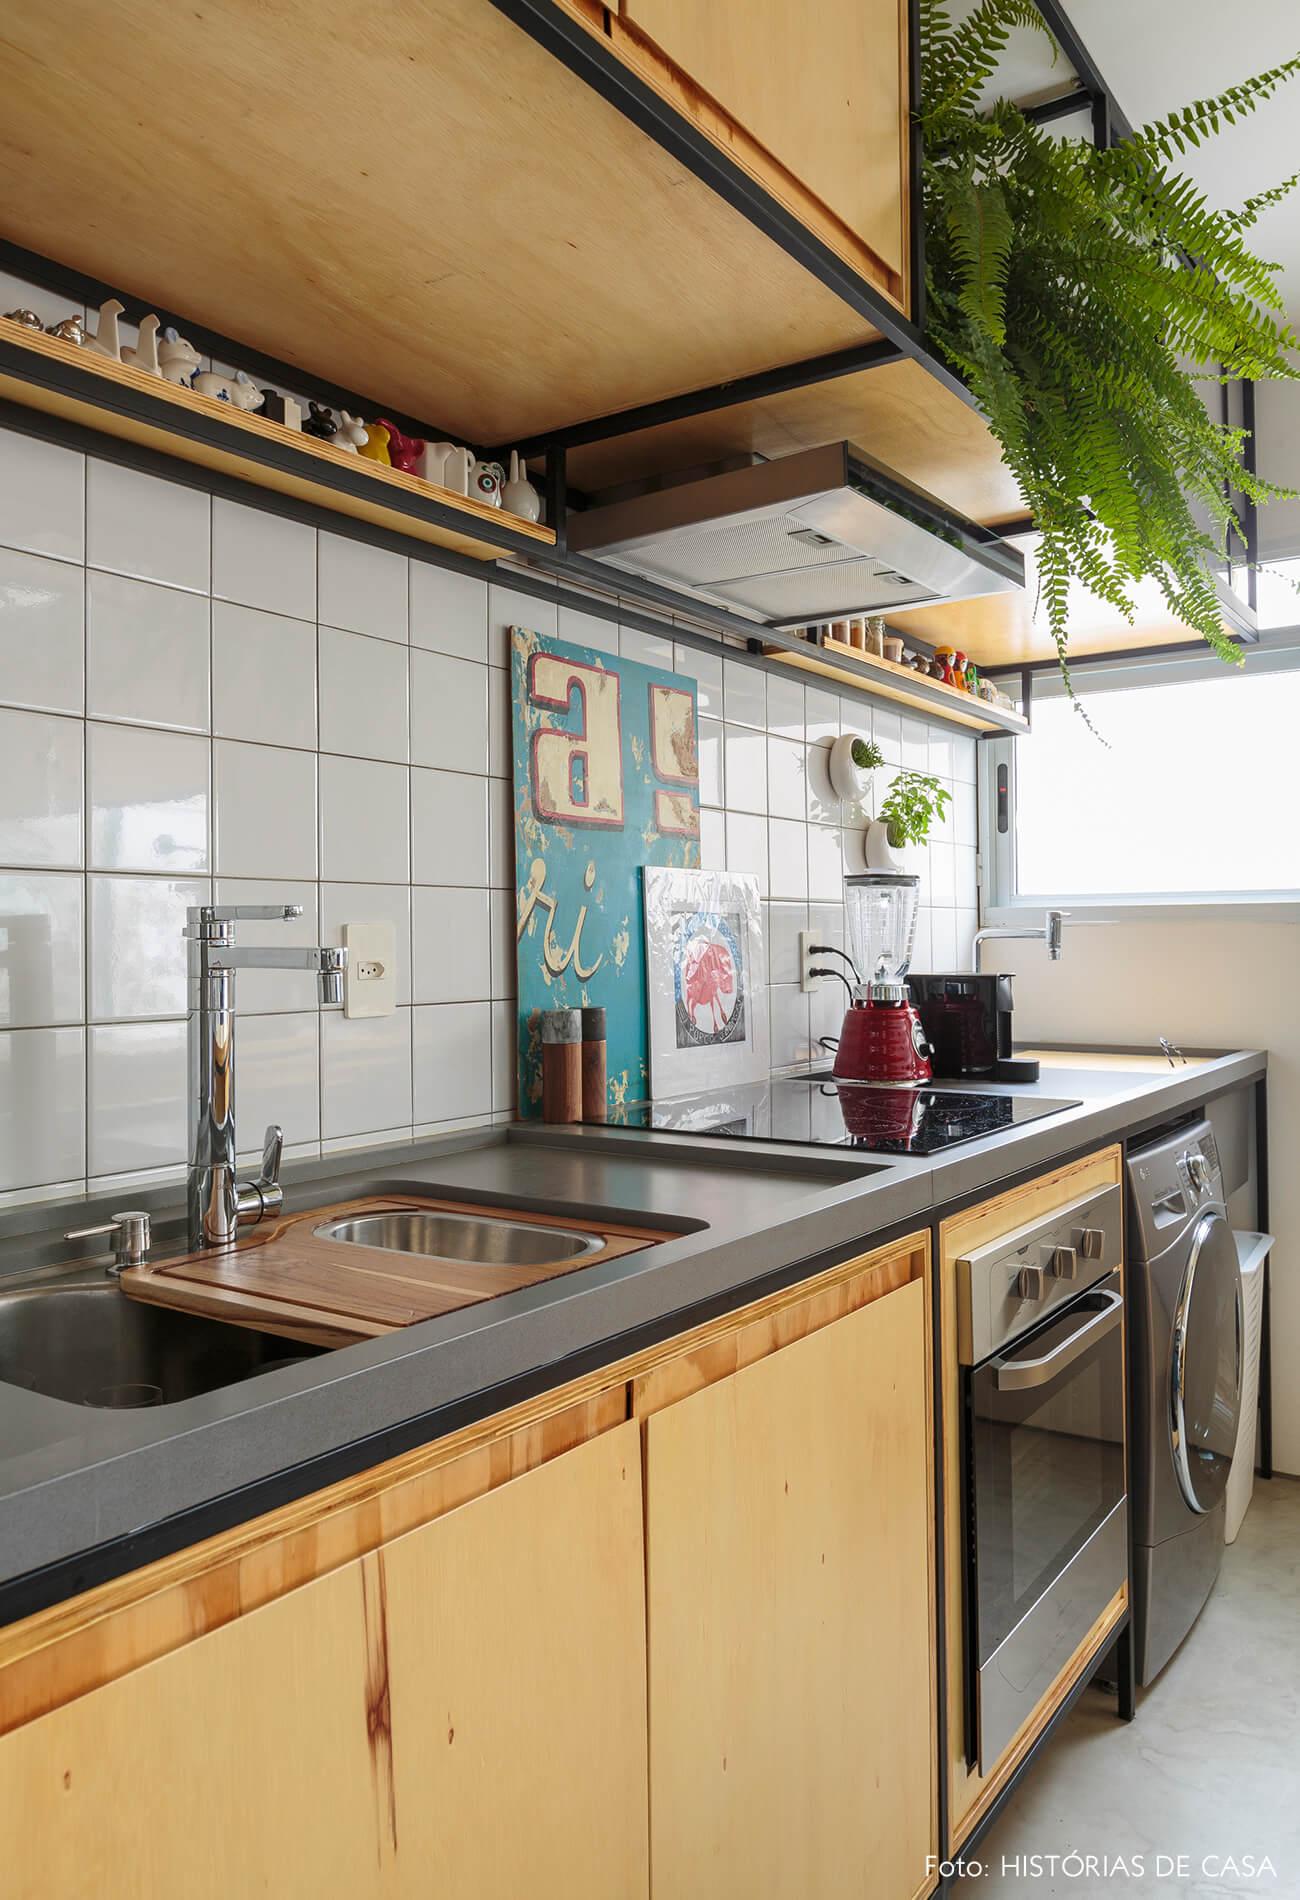 flavio-decoração-cozinha-com-estantes-de-madeira-clara-e-plantas